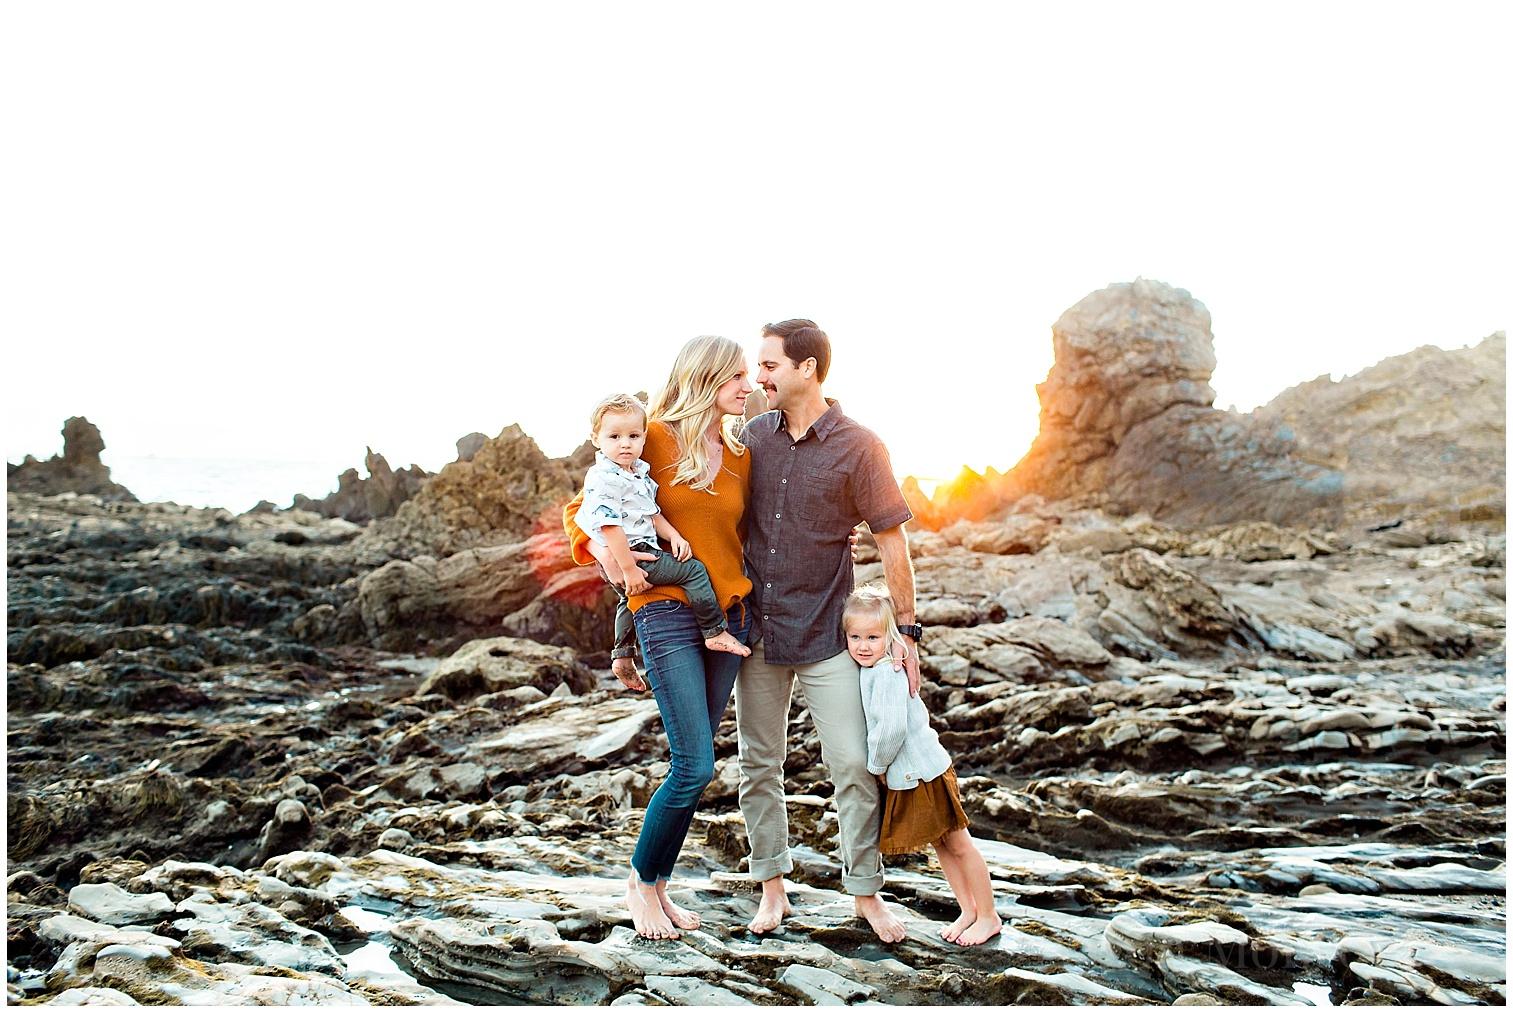 laguna_beach_family_photographer_0676.jpg